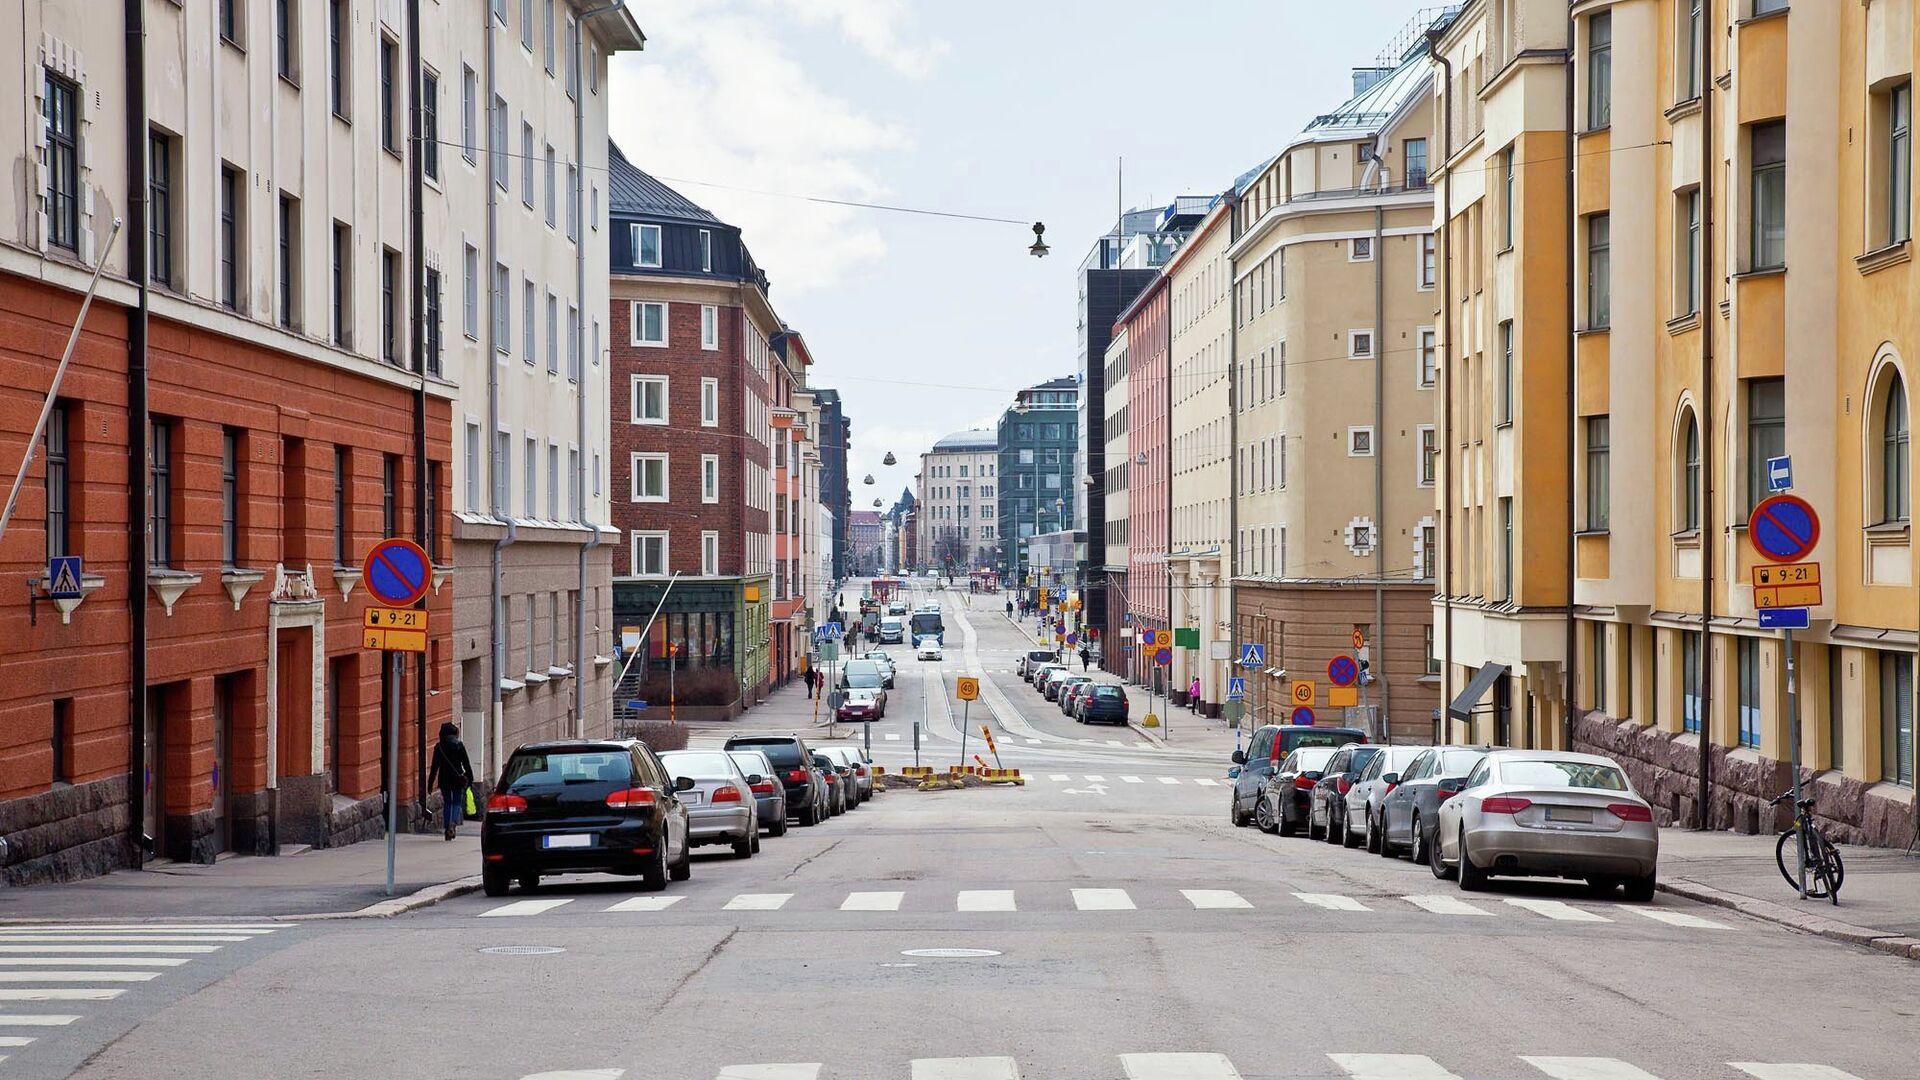 На одной из улиц в Хельсинки  - РИА Новости, 1920, 30.11.2020